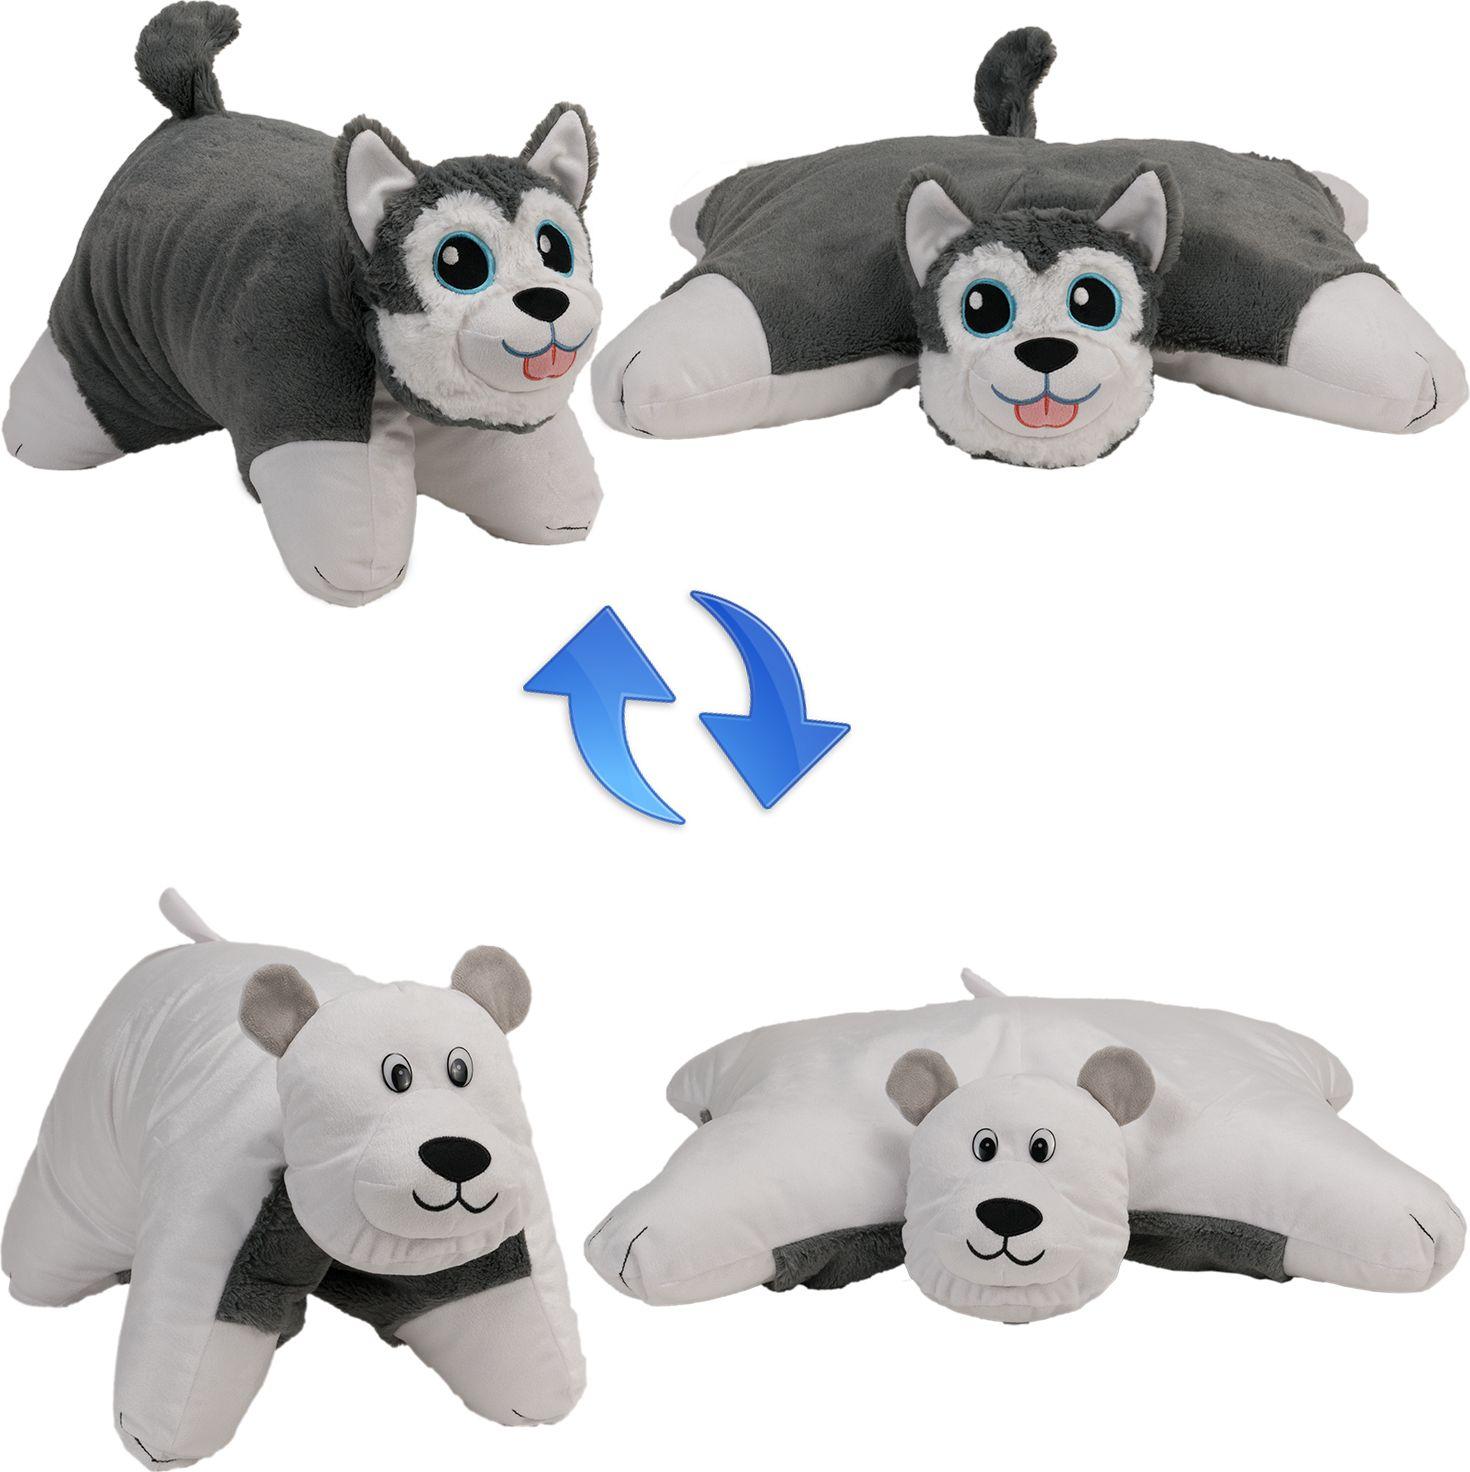 1TOY Мягкая игрушка Вывернушка 2в1 Хаски-Полярный Медведь 18 см цена в Москве и Питере